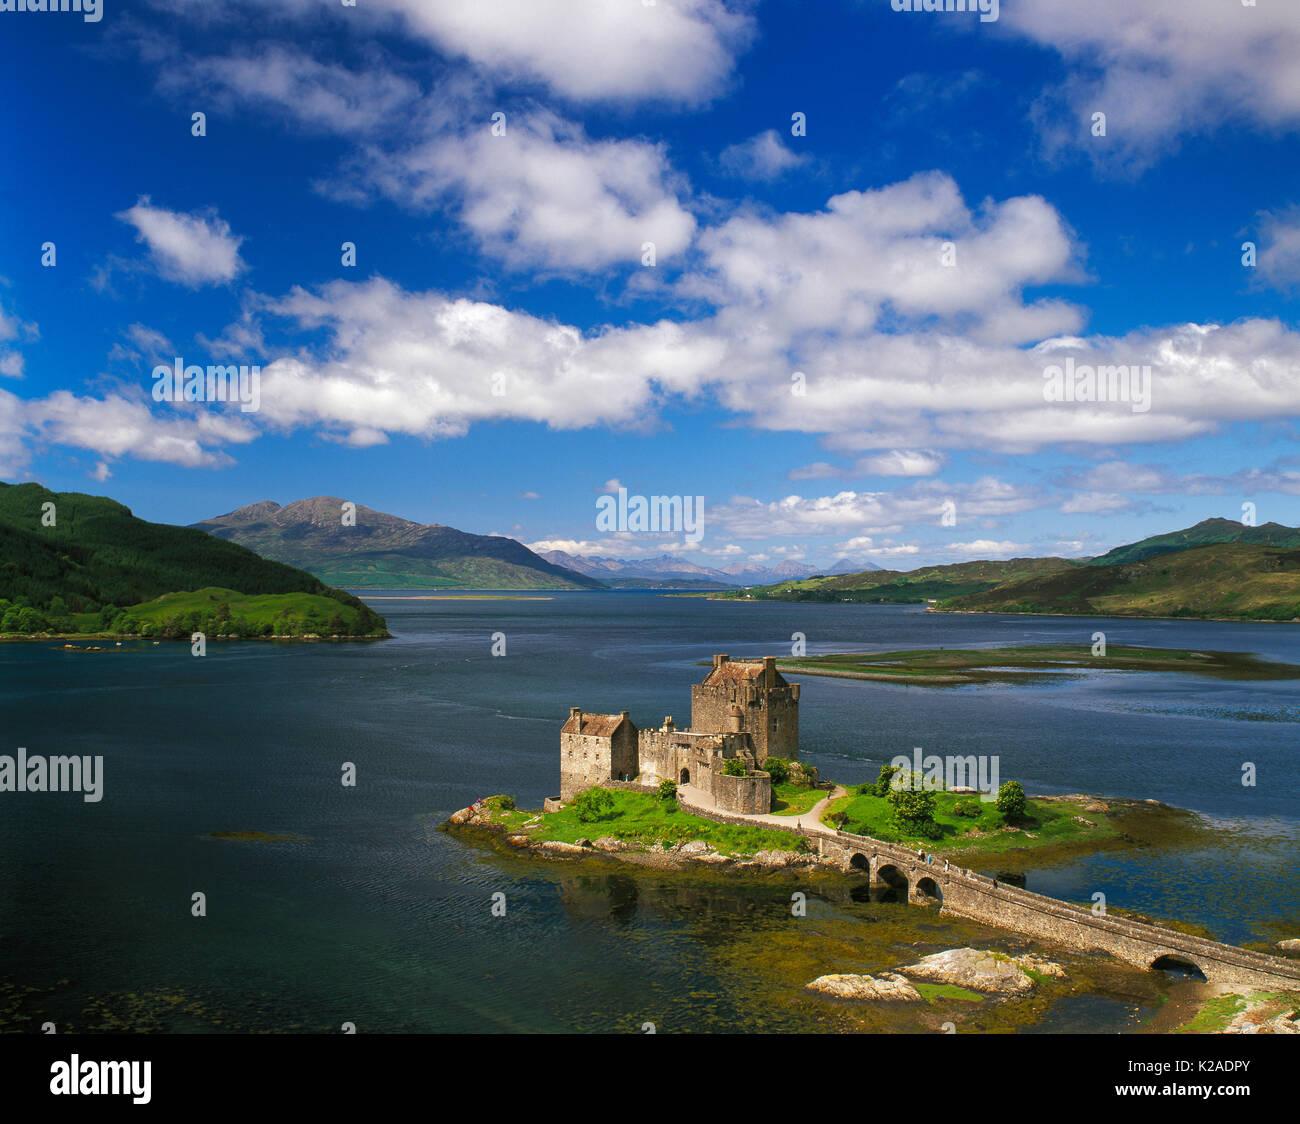 Eilean Donan Castle, Loch Duich , Kyle of Lochalsh, Scotland, UK - Stock Image